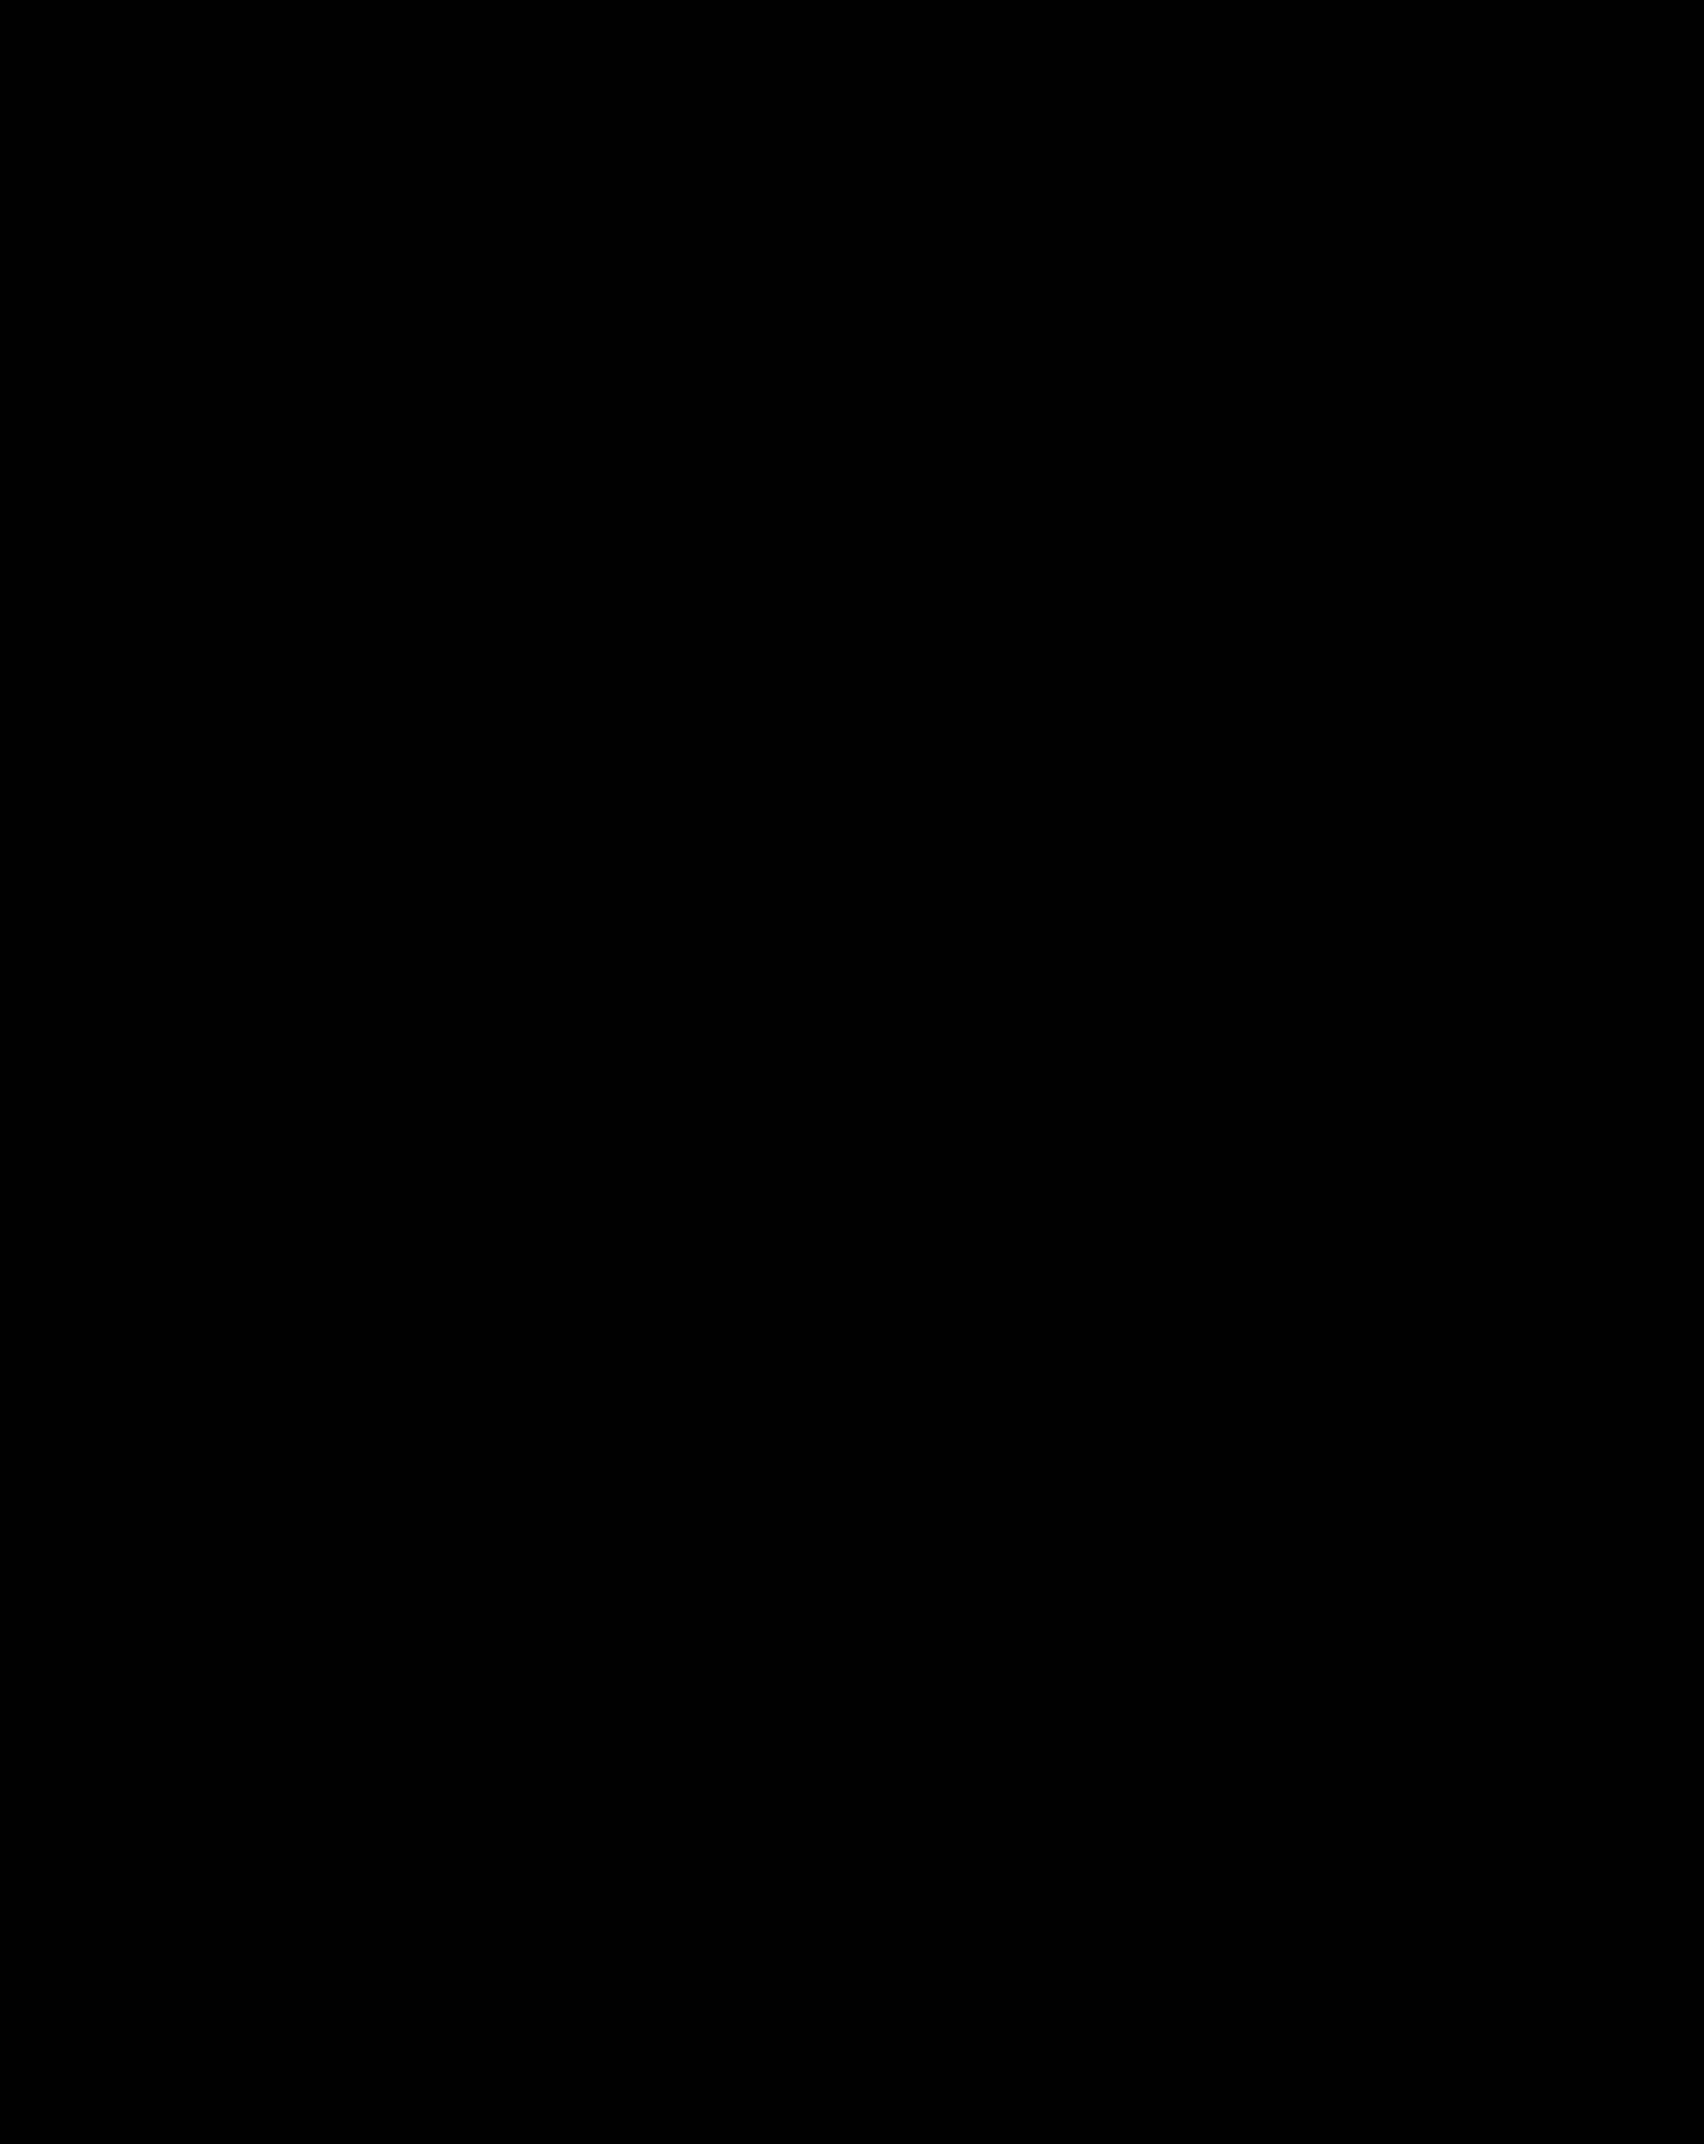 Naklejka na ścianę znak zodiaku koziorożec